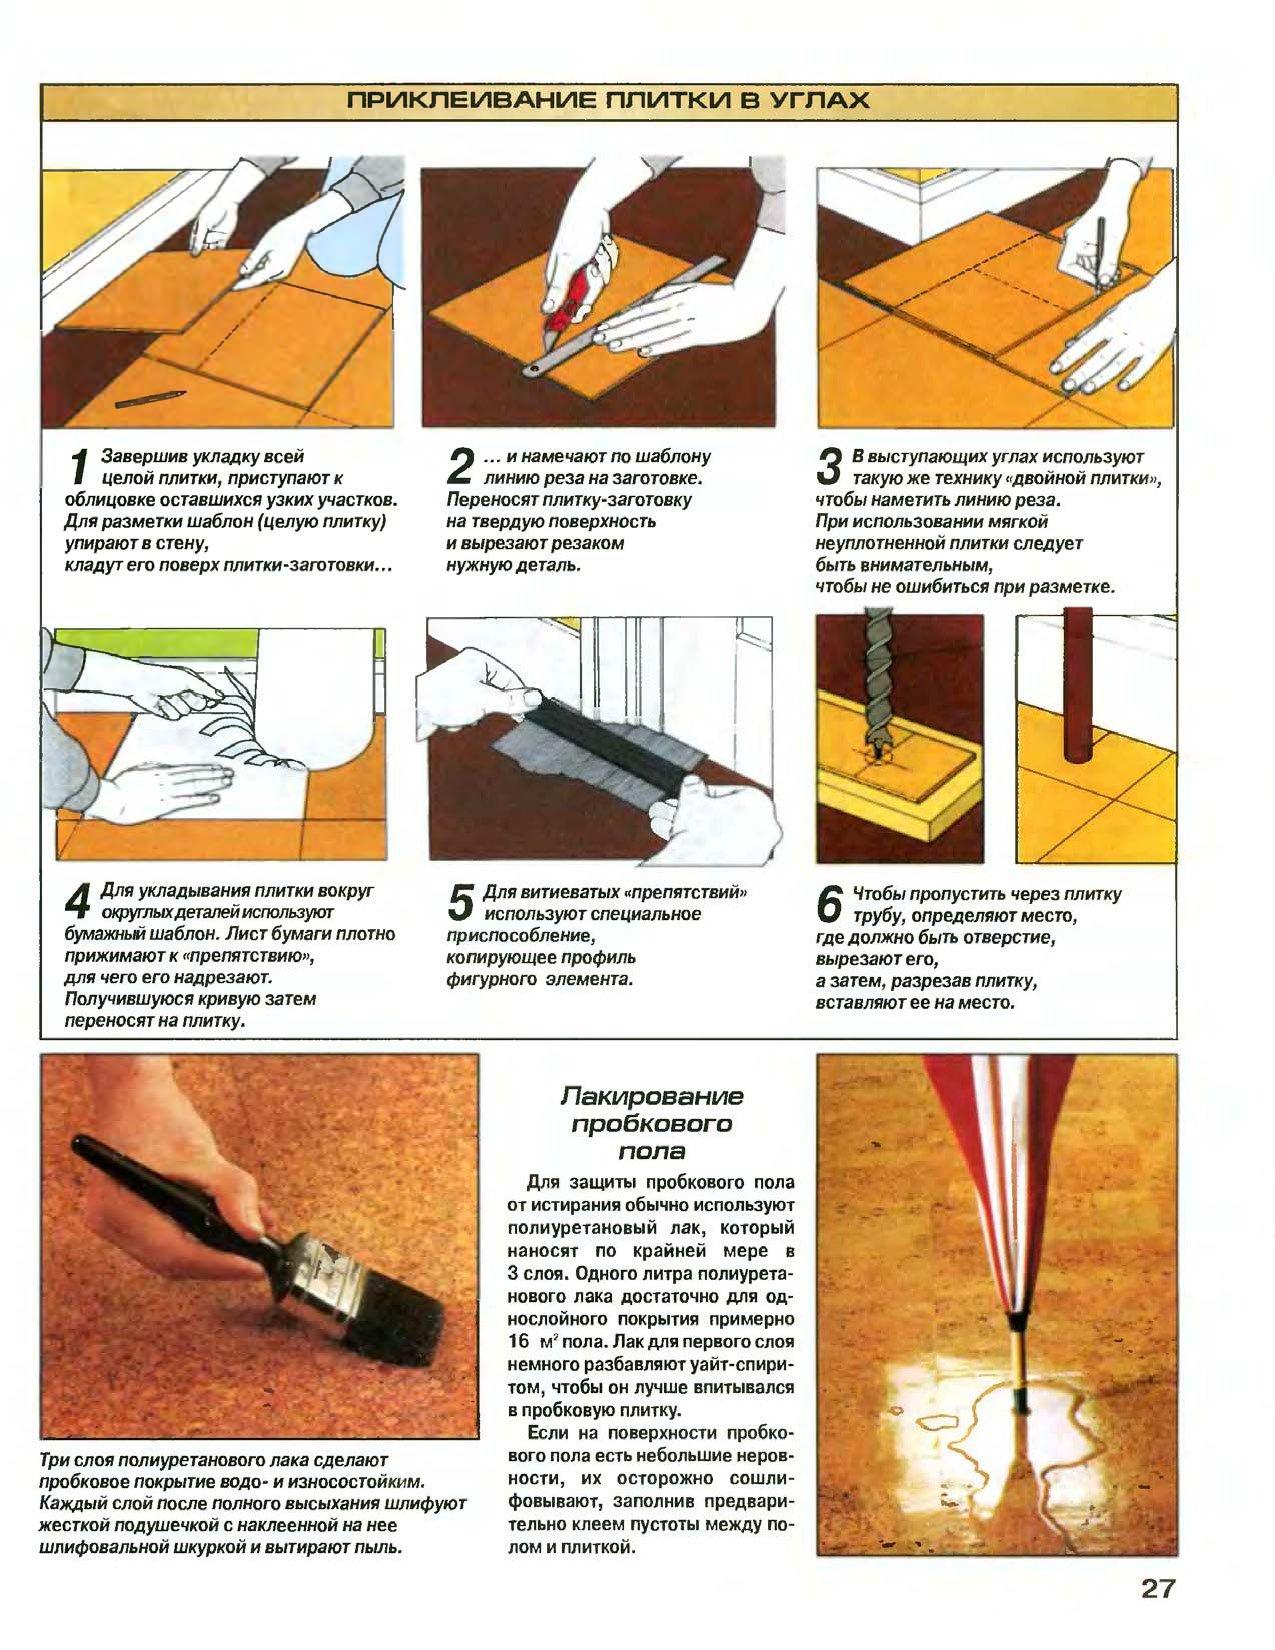 Схема укладки пробкового пола